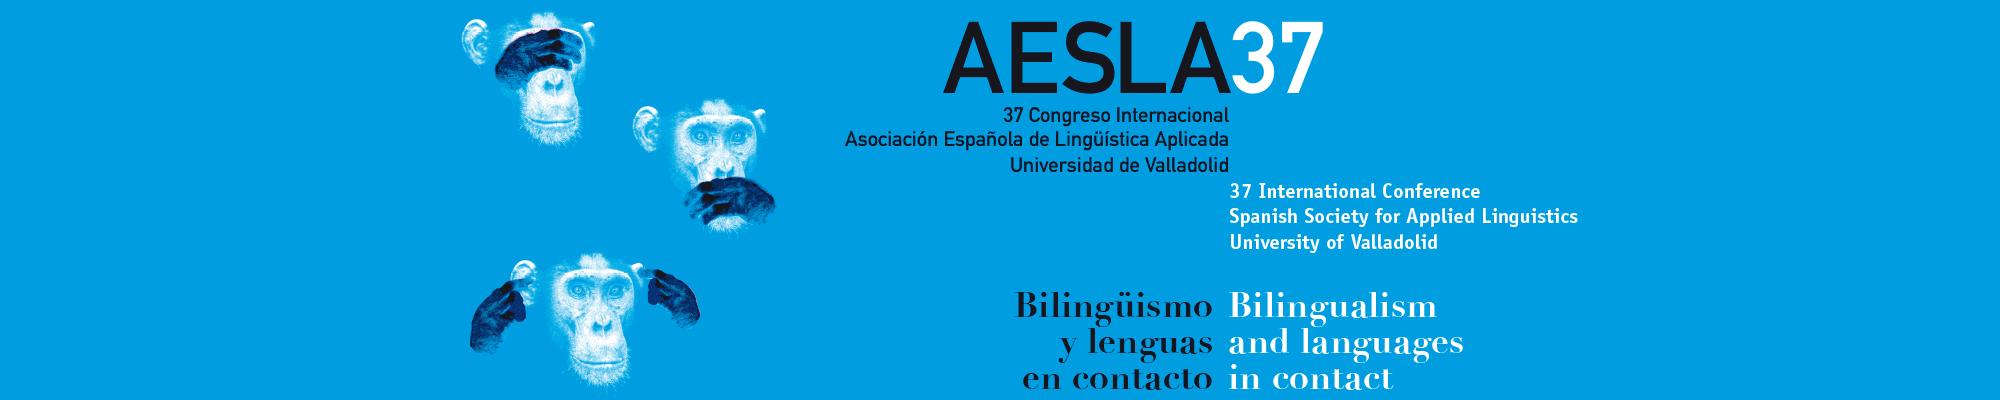 Congreso Aesla Valladolid